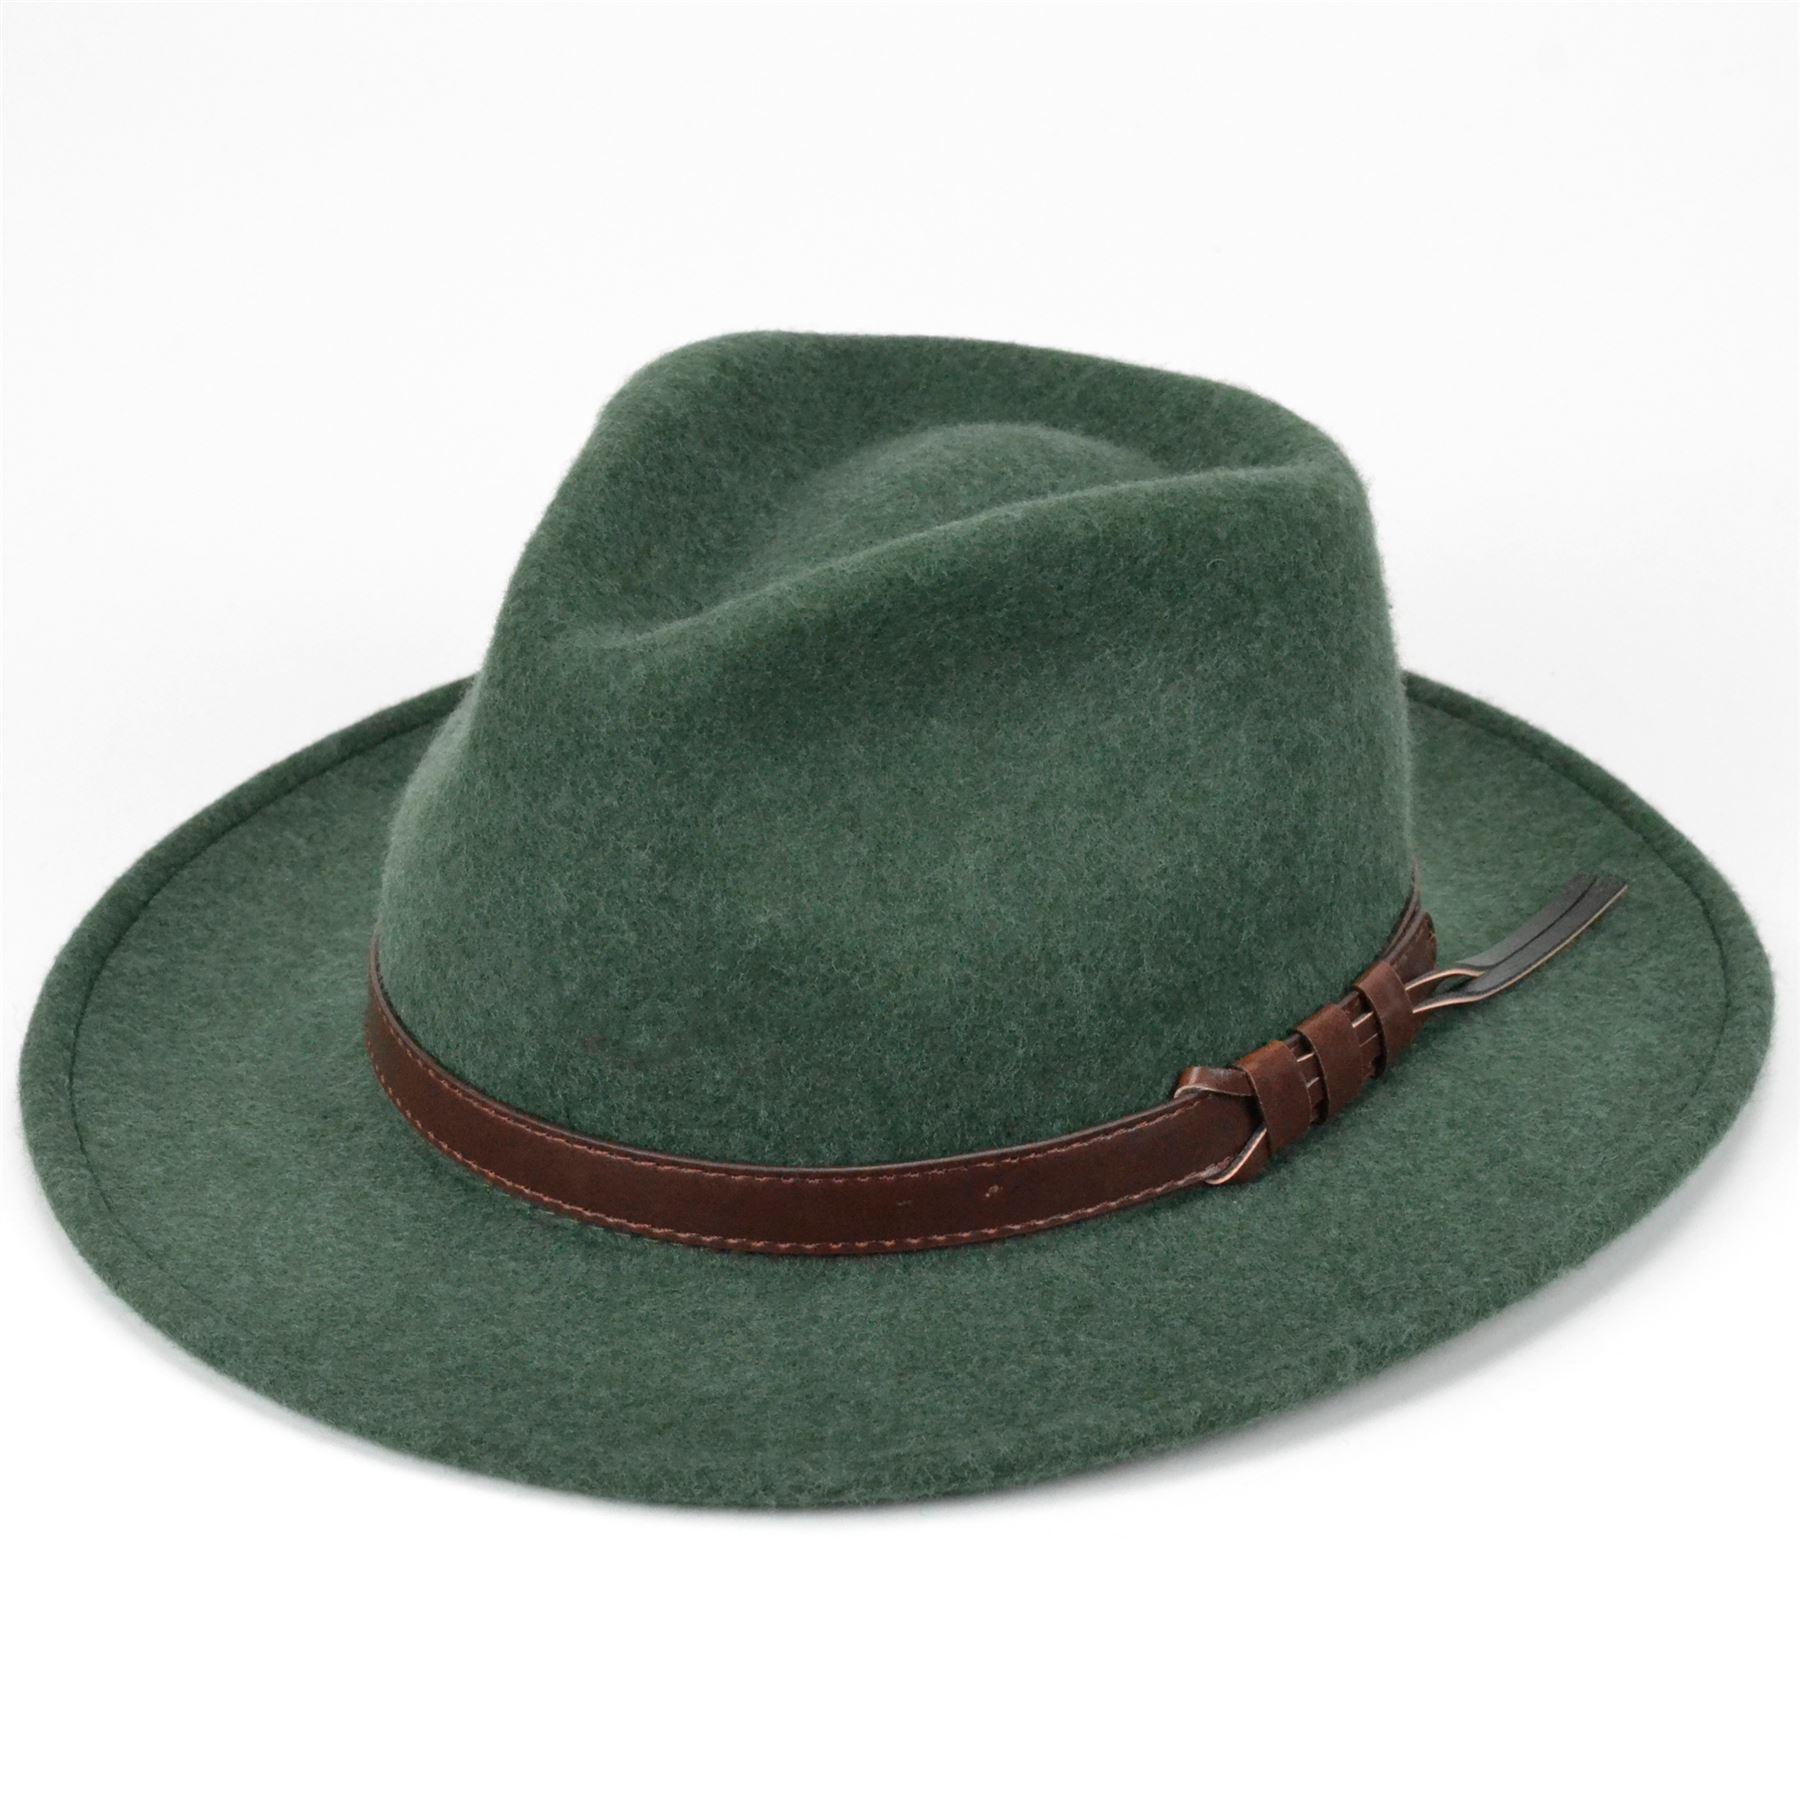 Details about Wool Fedora Hat Felt Hawkins Cap Trilby Men Ladies Unisex  GREEN 8c677e08d63